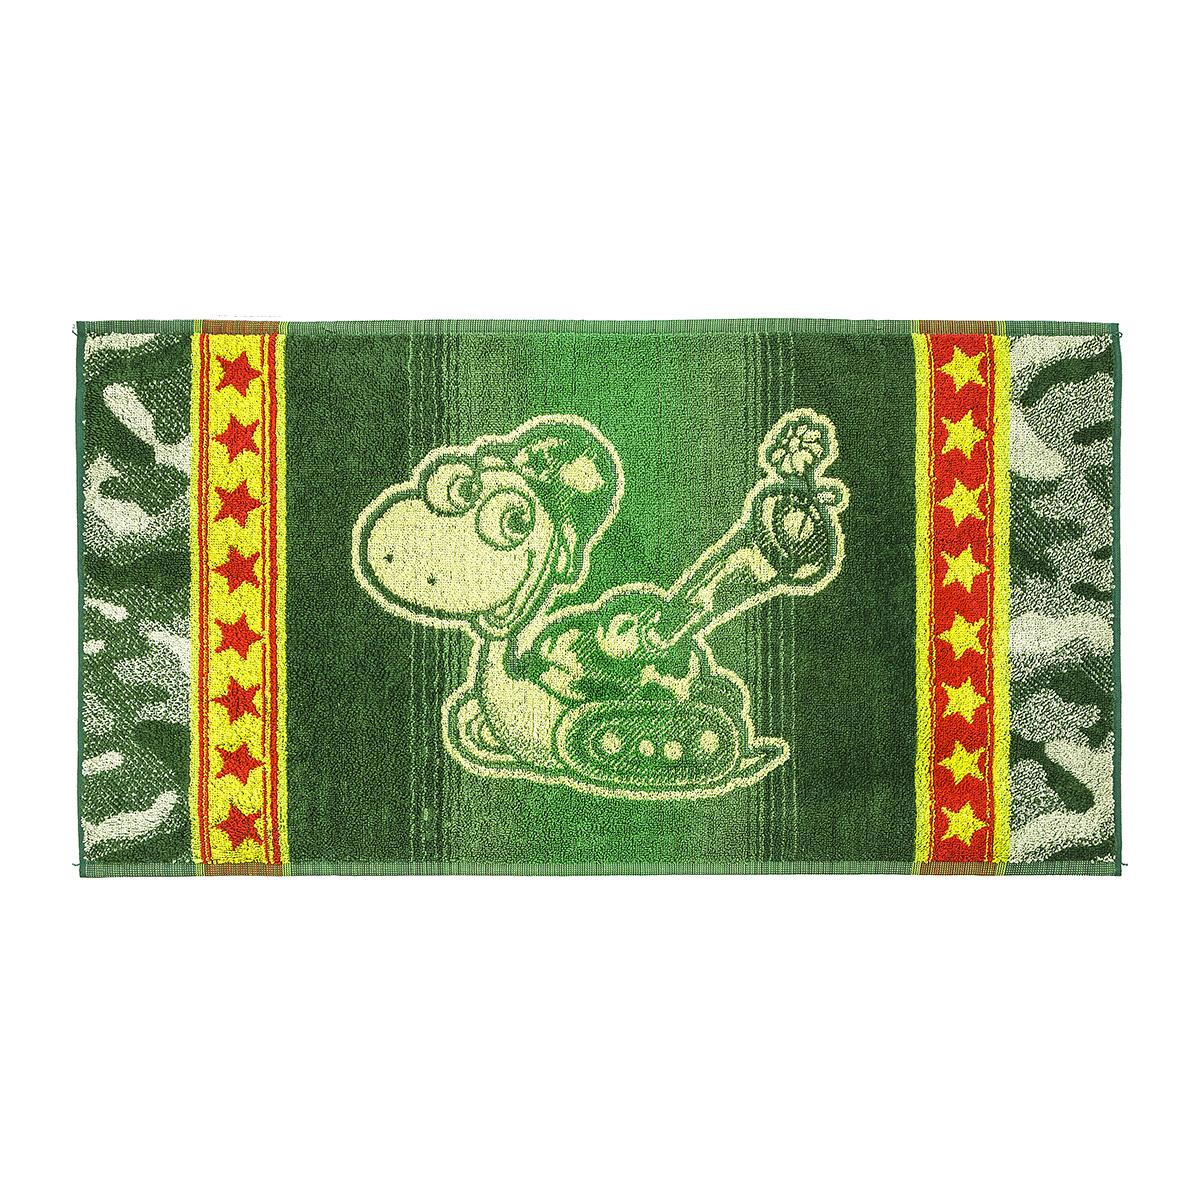 Полотенце Черепашка, размер 40х70 см.Махровые полотенца<br>Плотность ткани:420 г/кв. м<br><br>Тип: Полотенце<br>Размер: 40х70<br>Материал: Махра